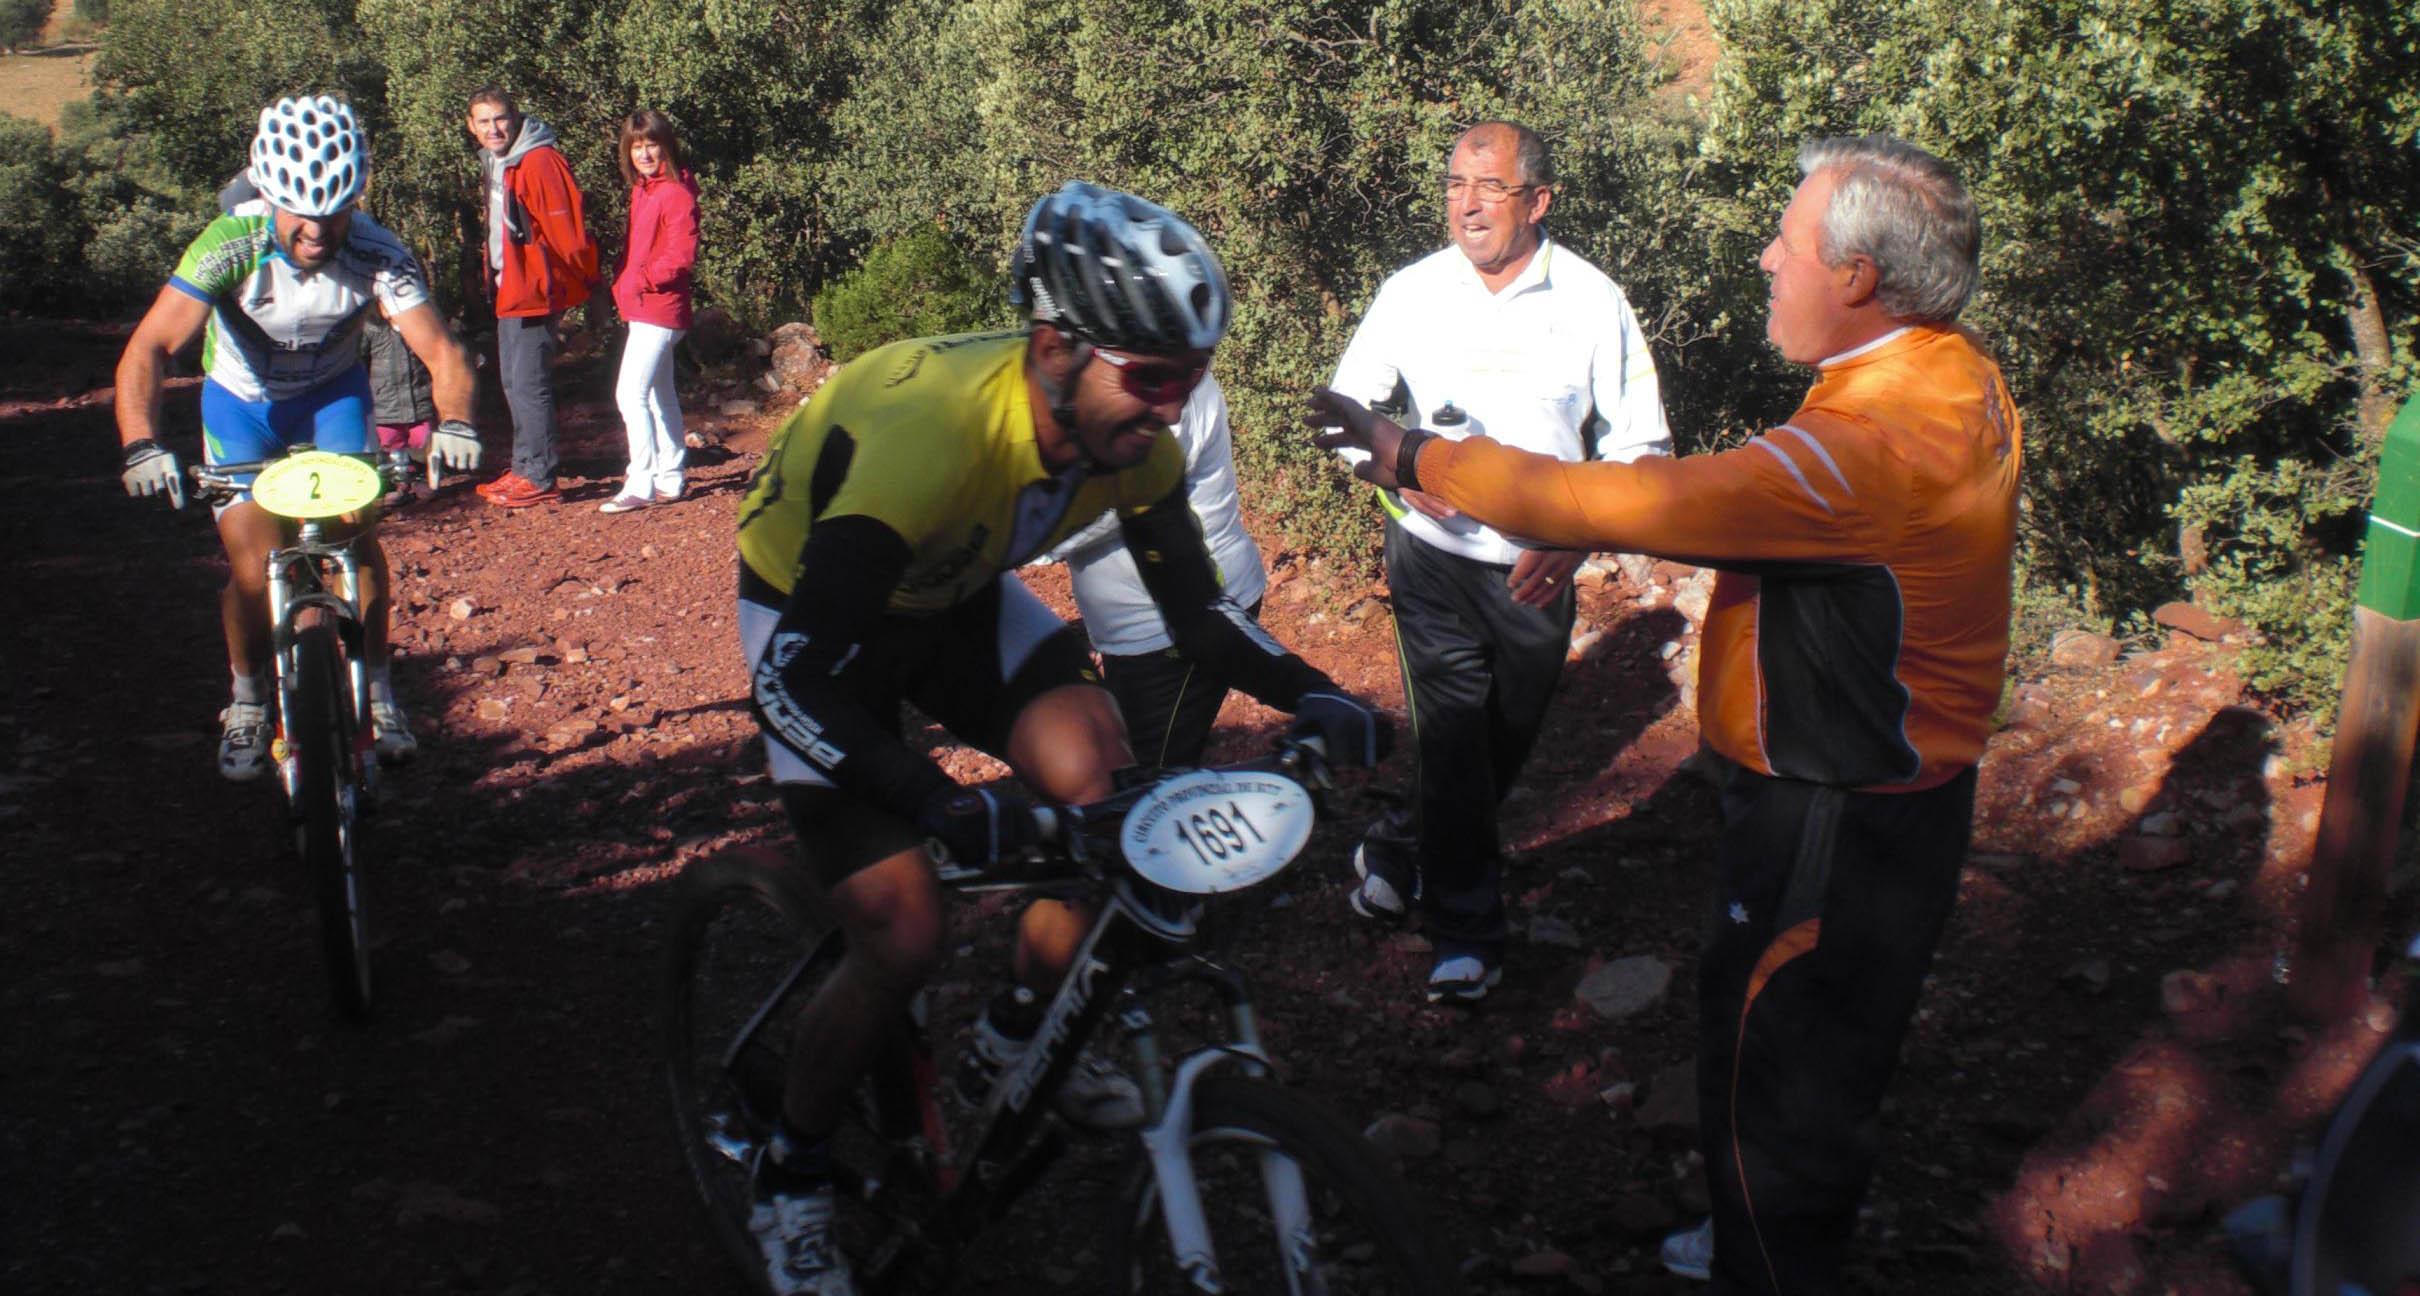 Paco Mancebo ganador de la prueba en 2012 (Foto: Prodepor)